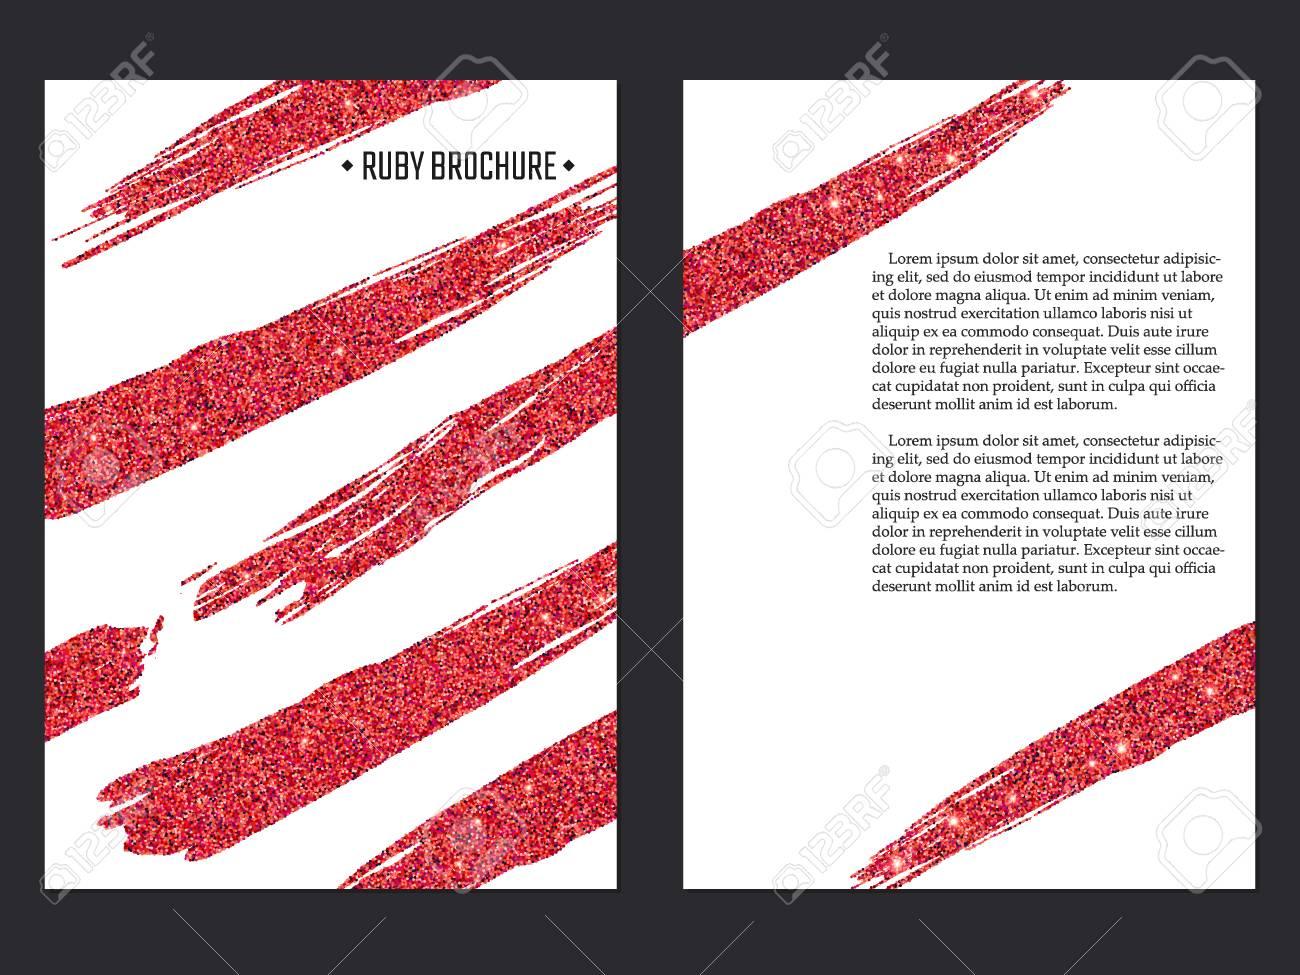 Vector Illustration Of Ruby Brochure For Design, Website, Background ...